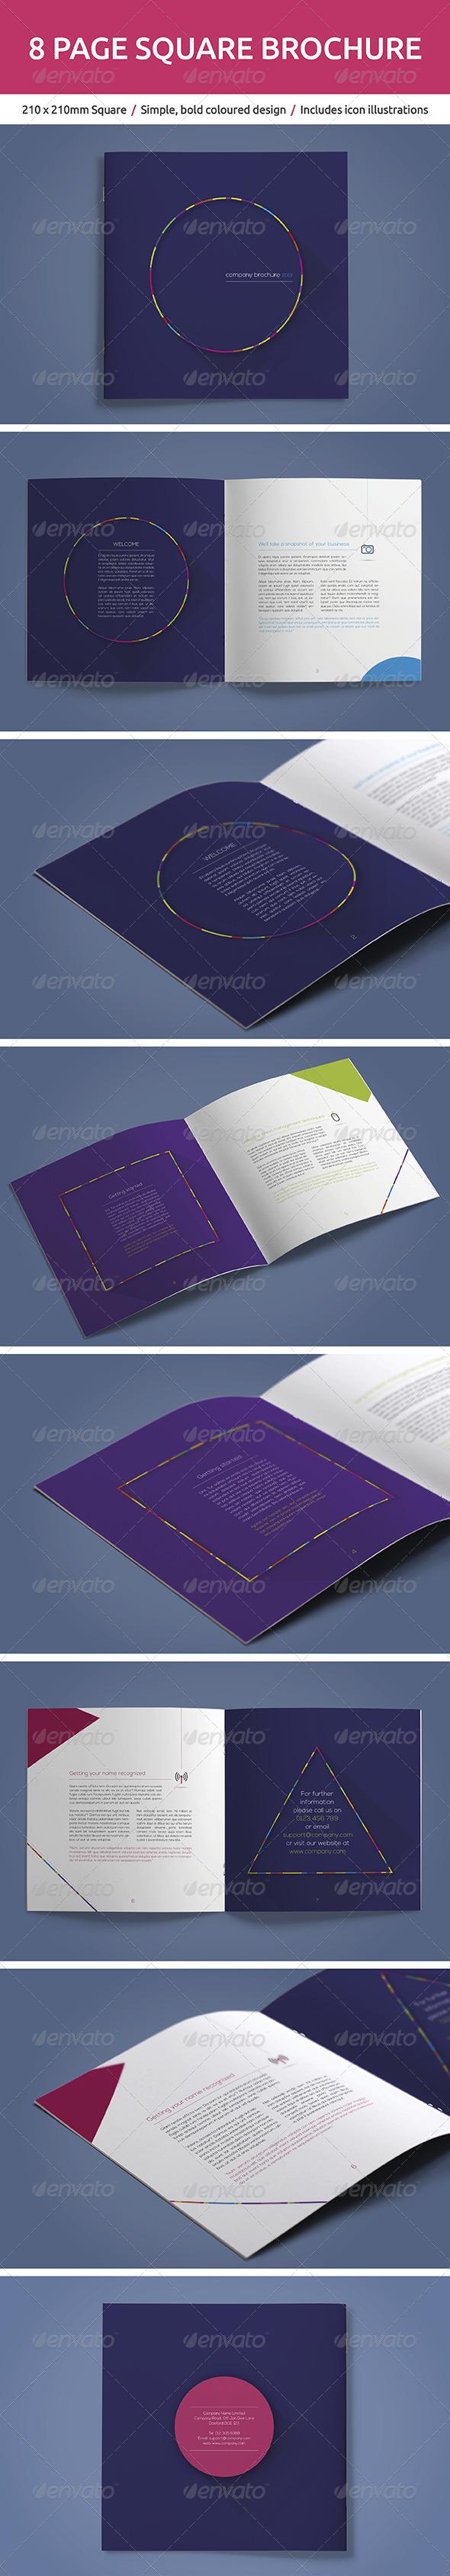 GraphicRiver 8 Page Square Brochure 5470165